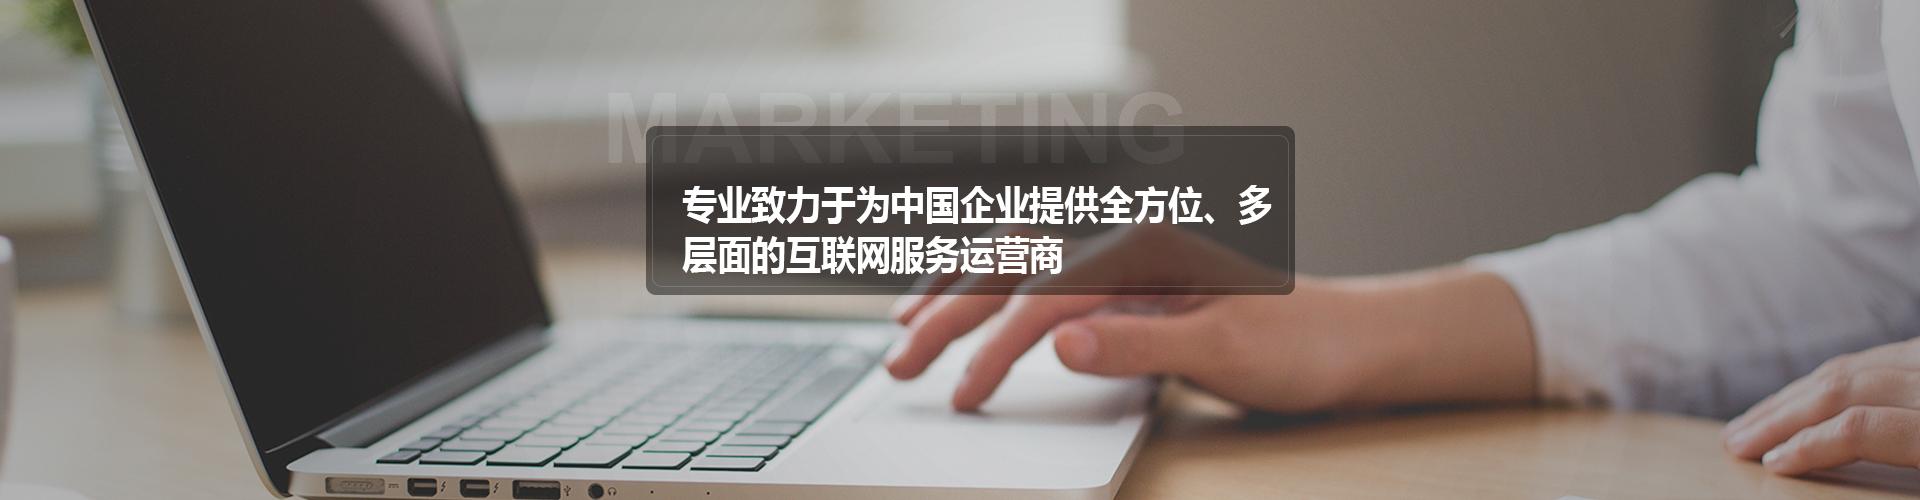 中山网站建设公司